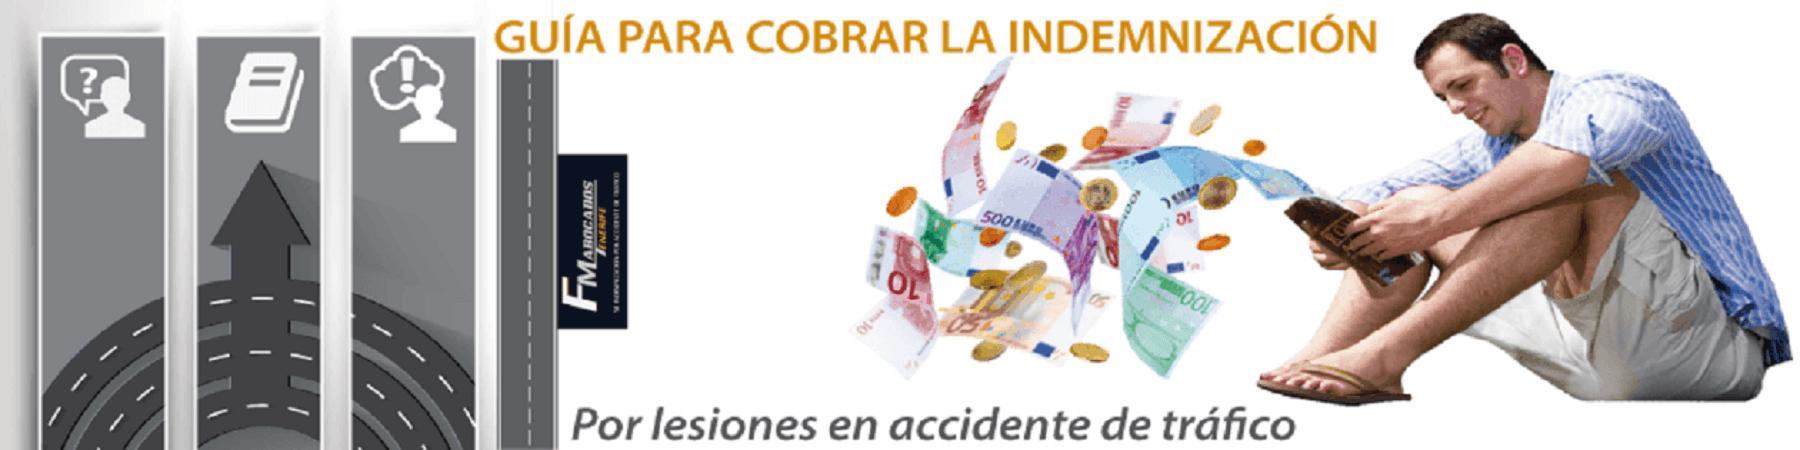 cobrar la indemnización por accidente de tráfico